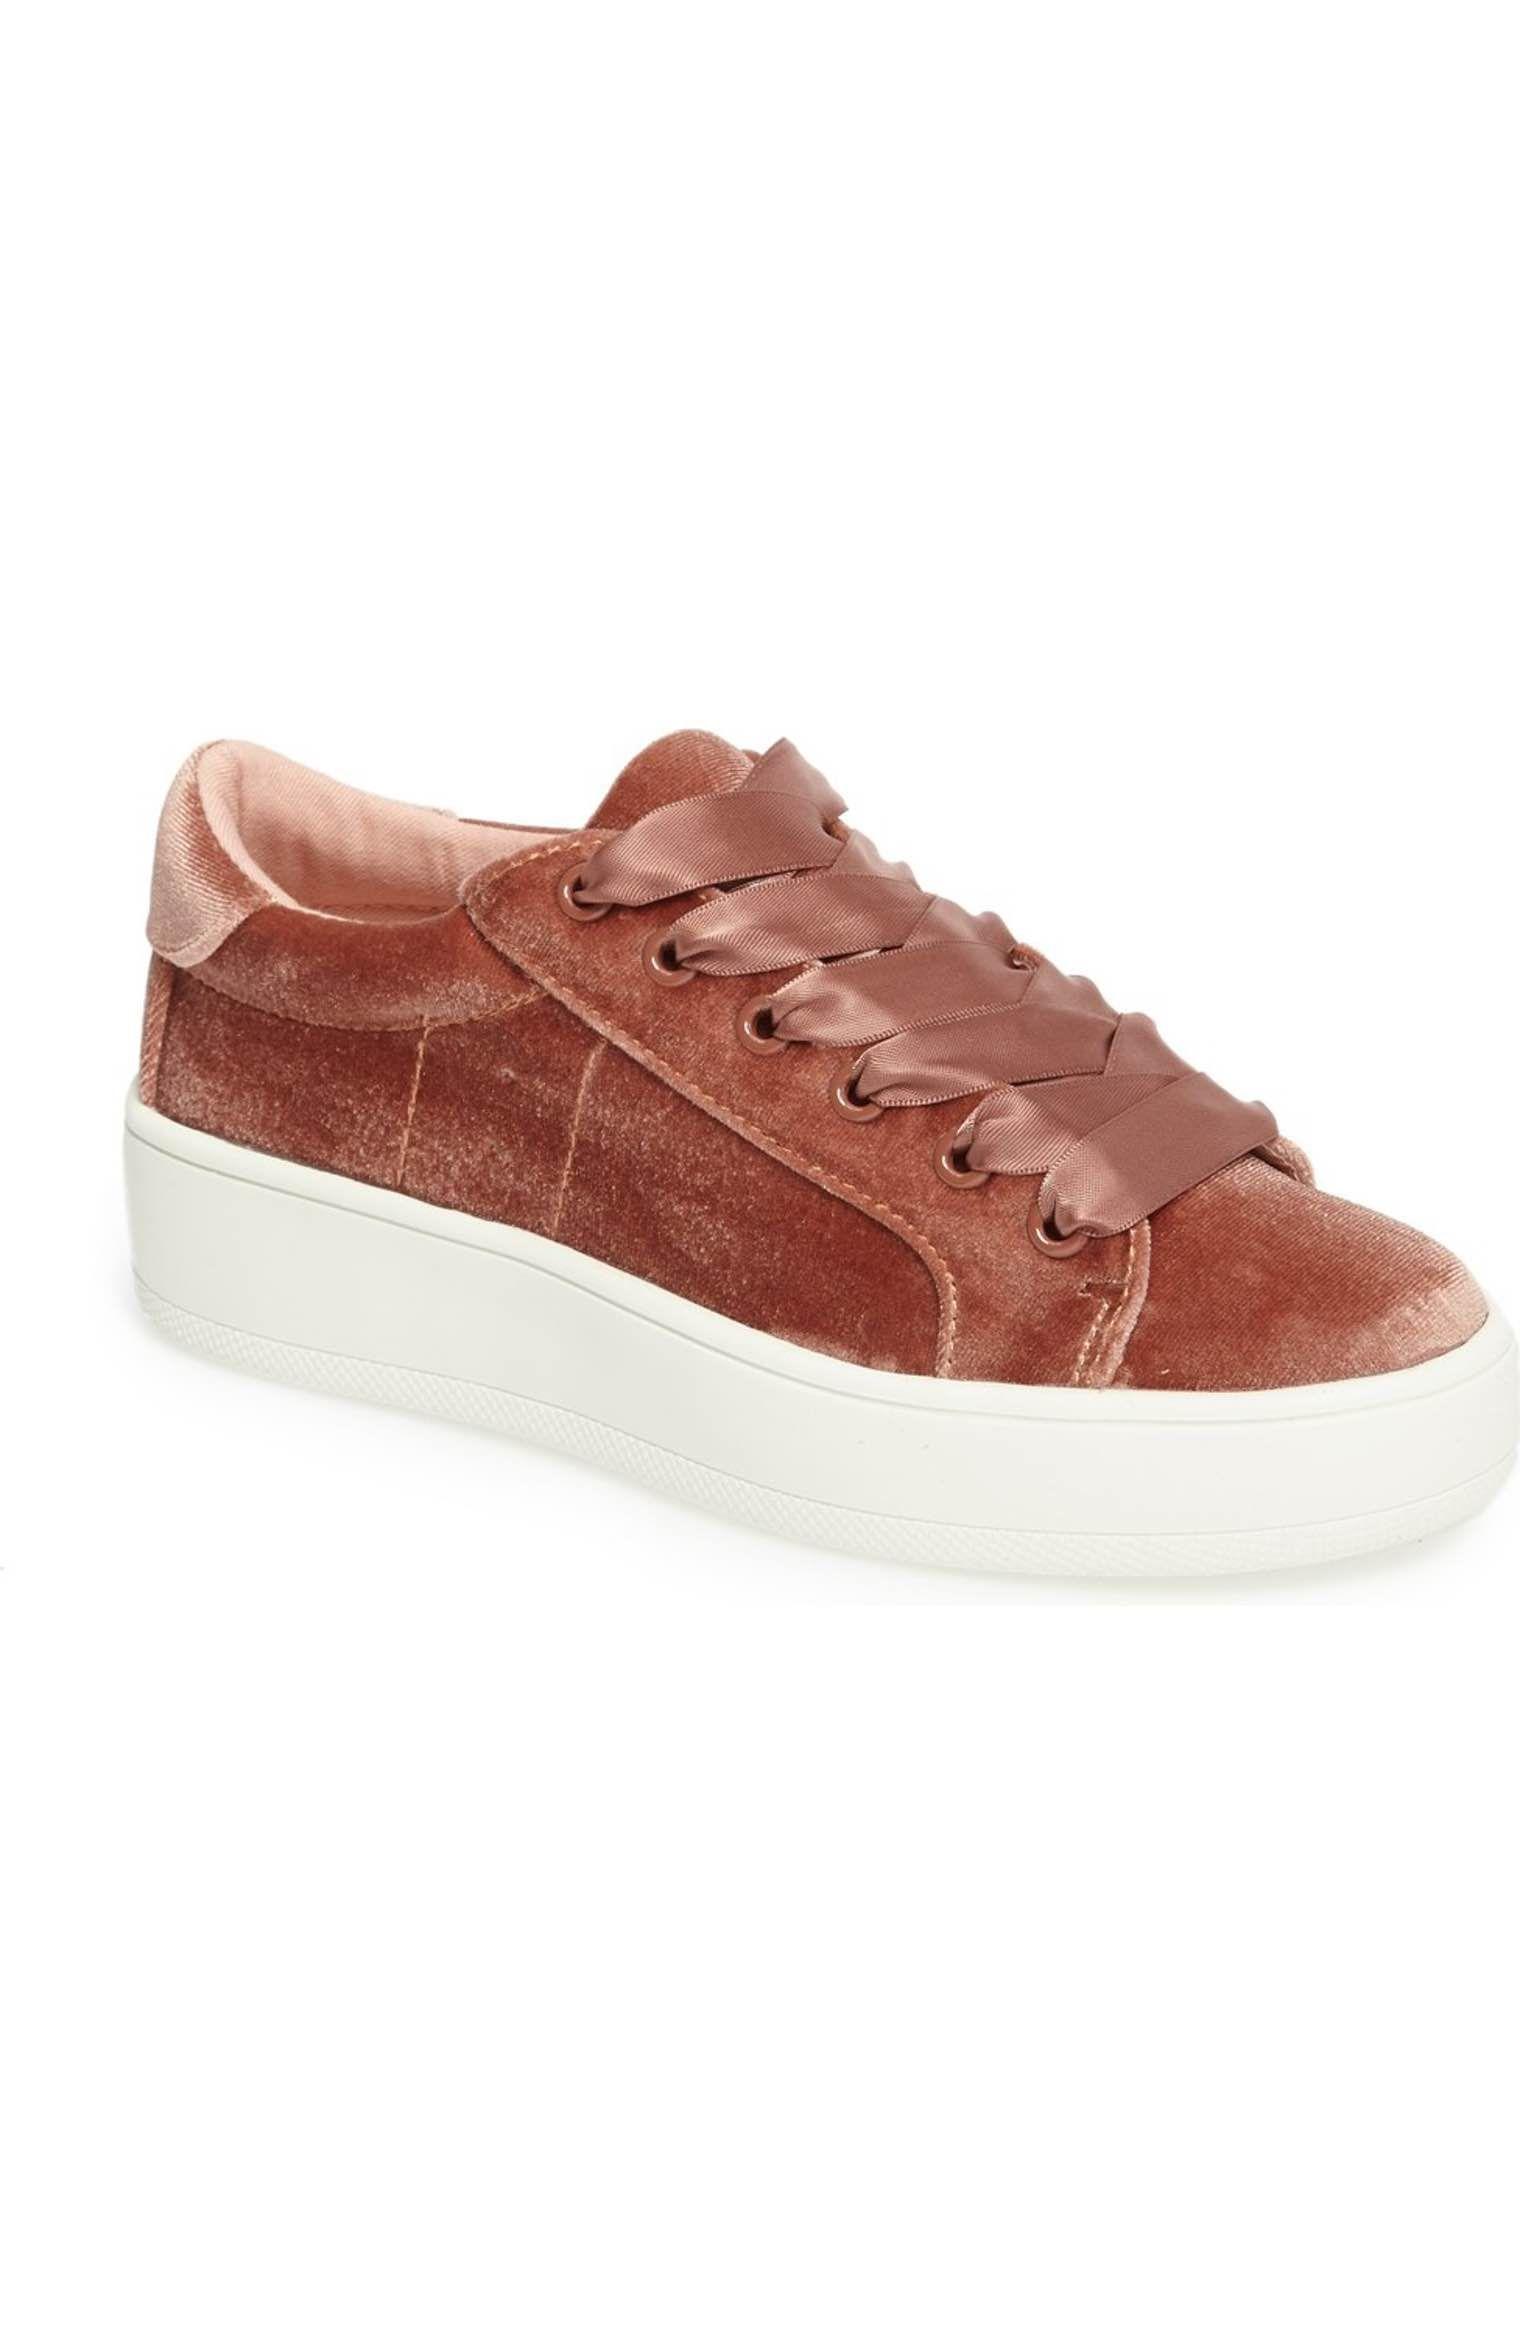 13cd2319321 Main Image - Steve Madden Bertie-V Platform Sneaker (Women) Steve Madden  Platform